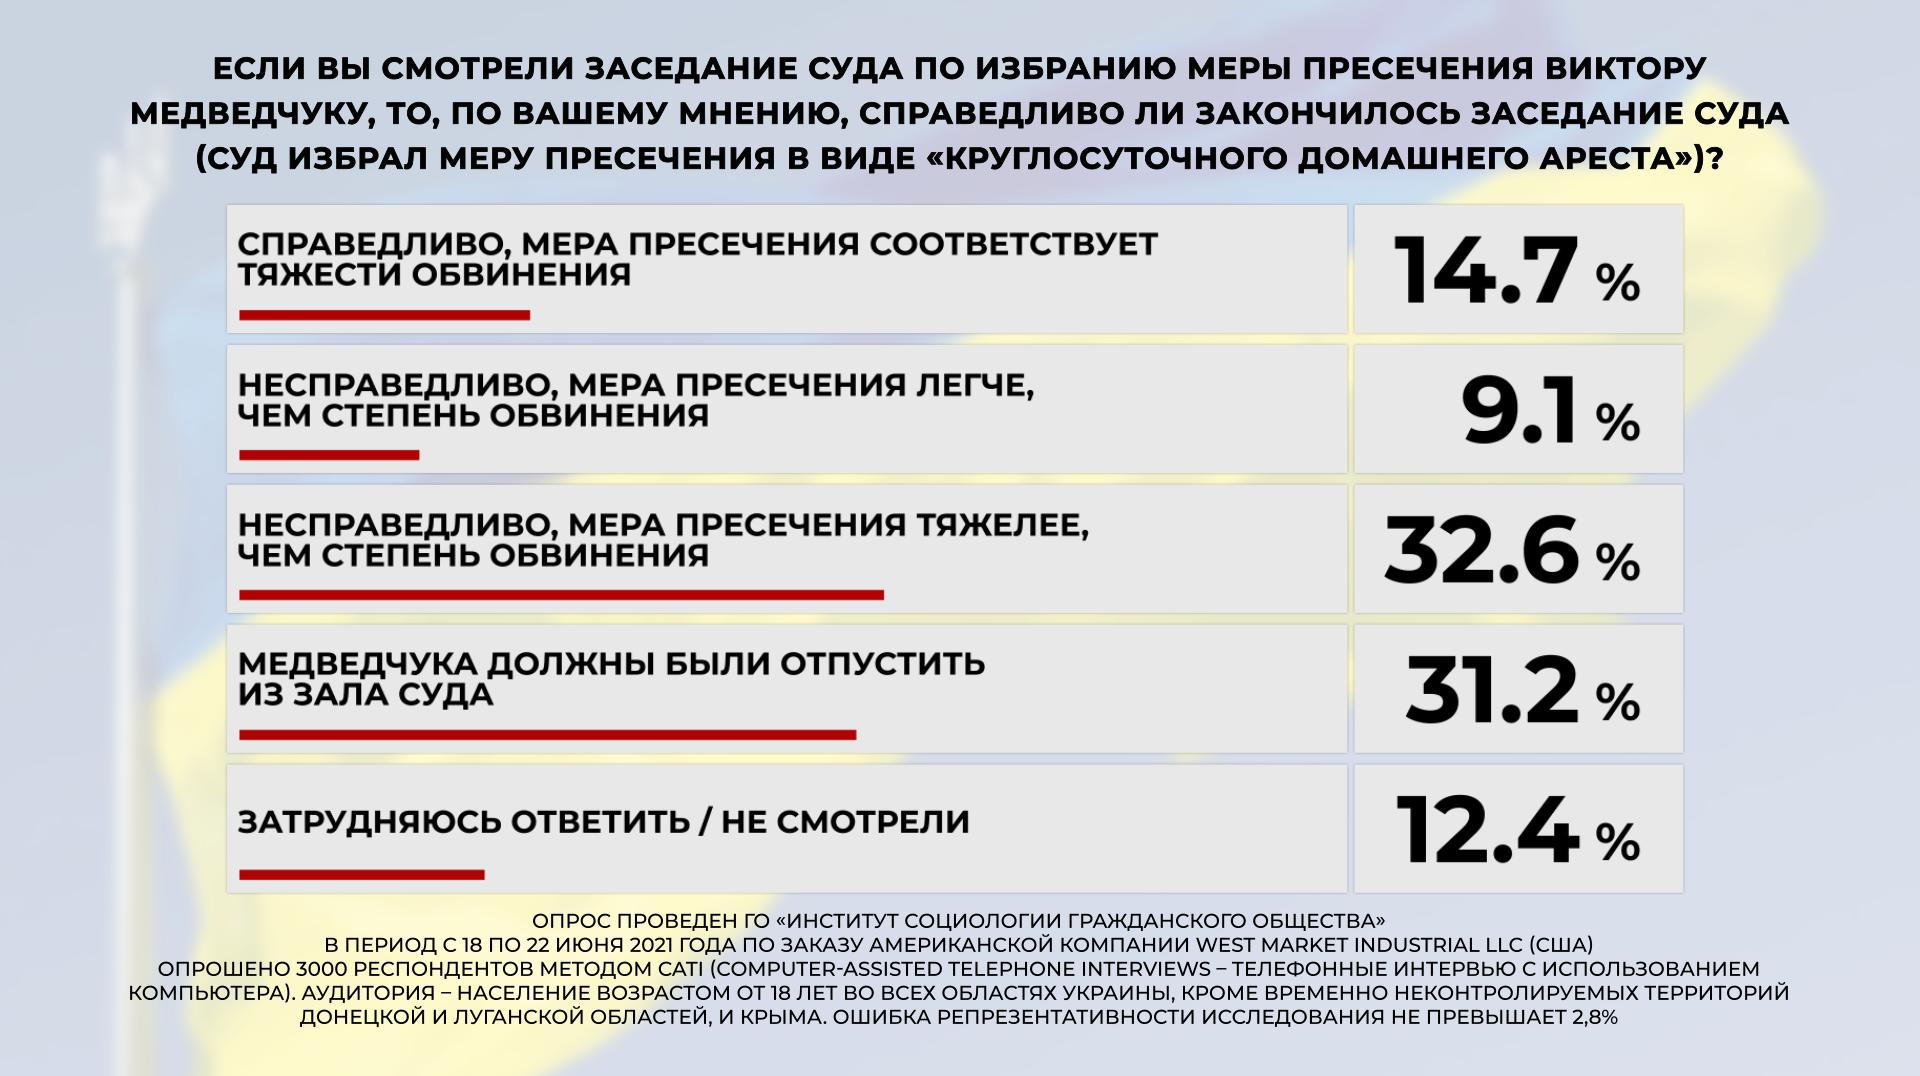 Суд над Медведчуком более 60% украинцев считают манипуляцией власти — опрос - фото 4